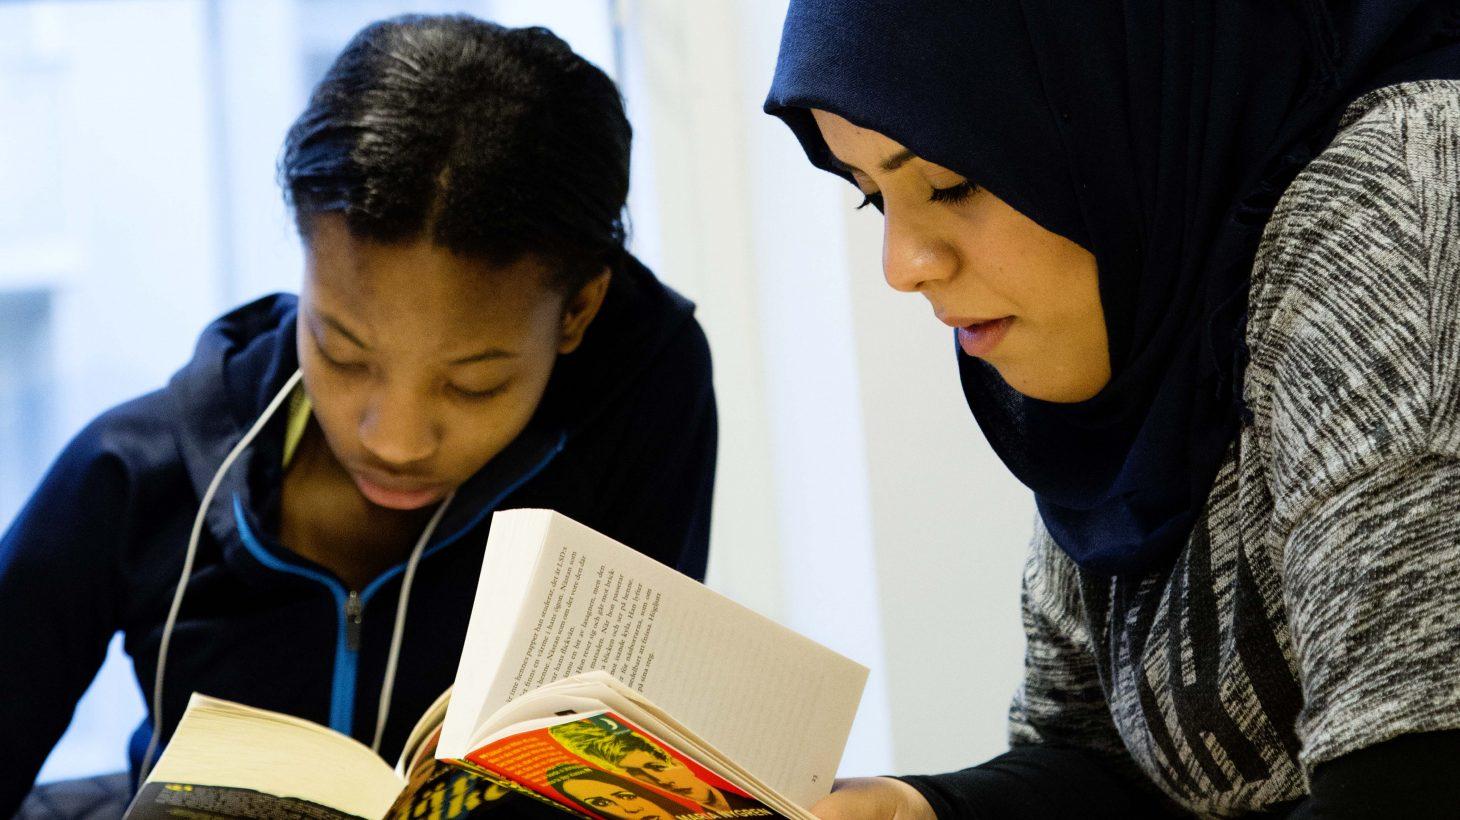 Två elever läser böcker.